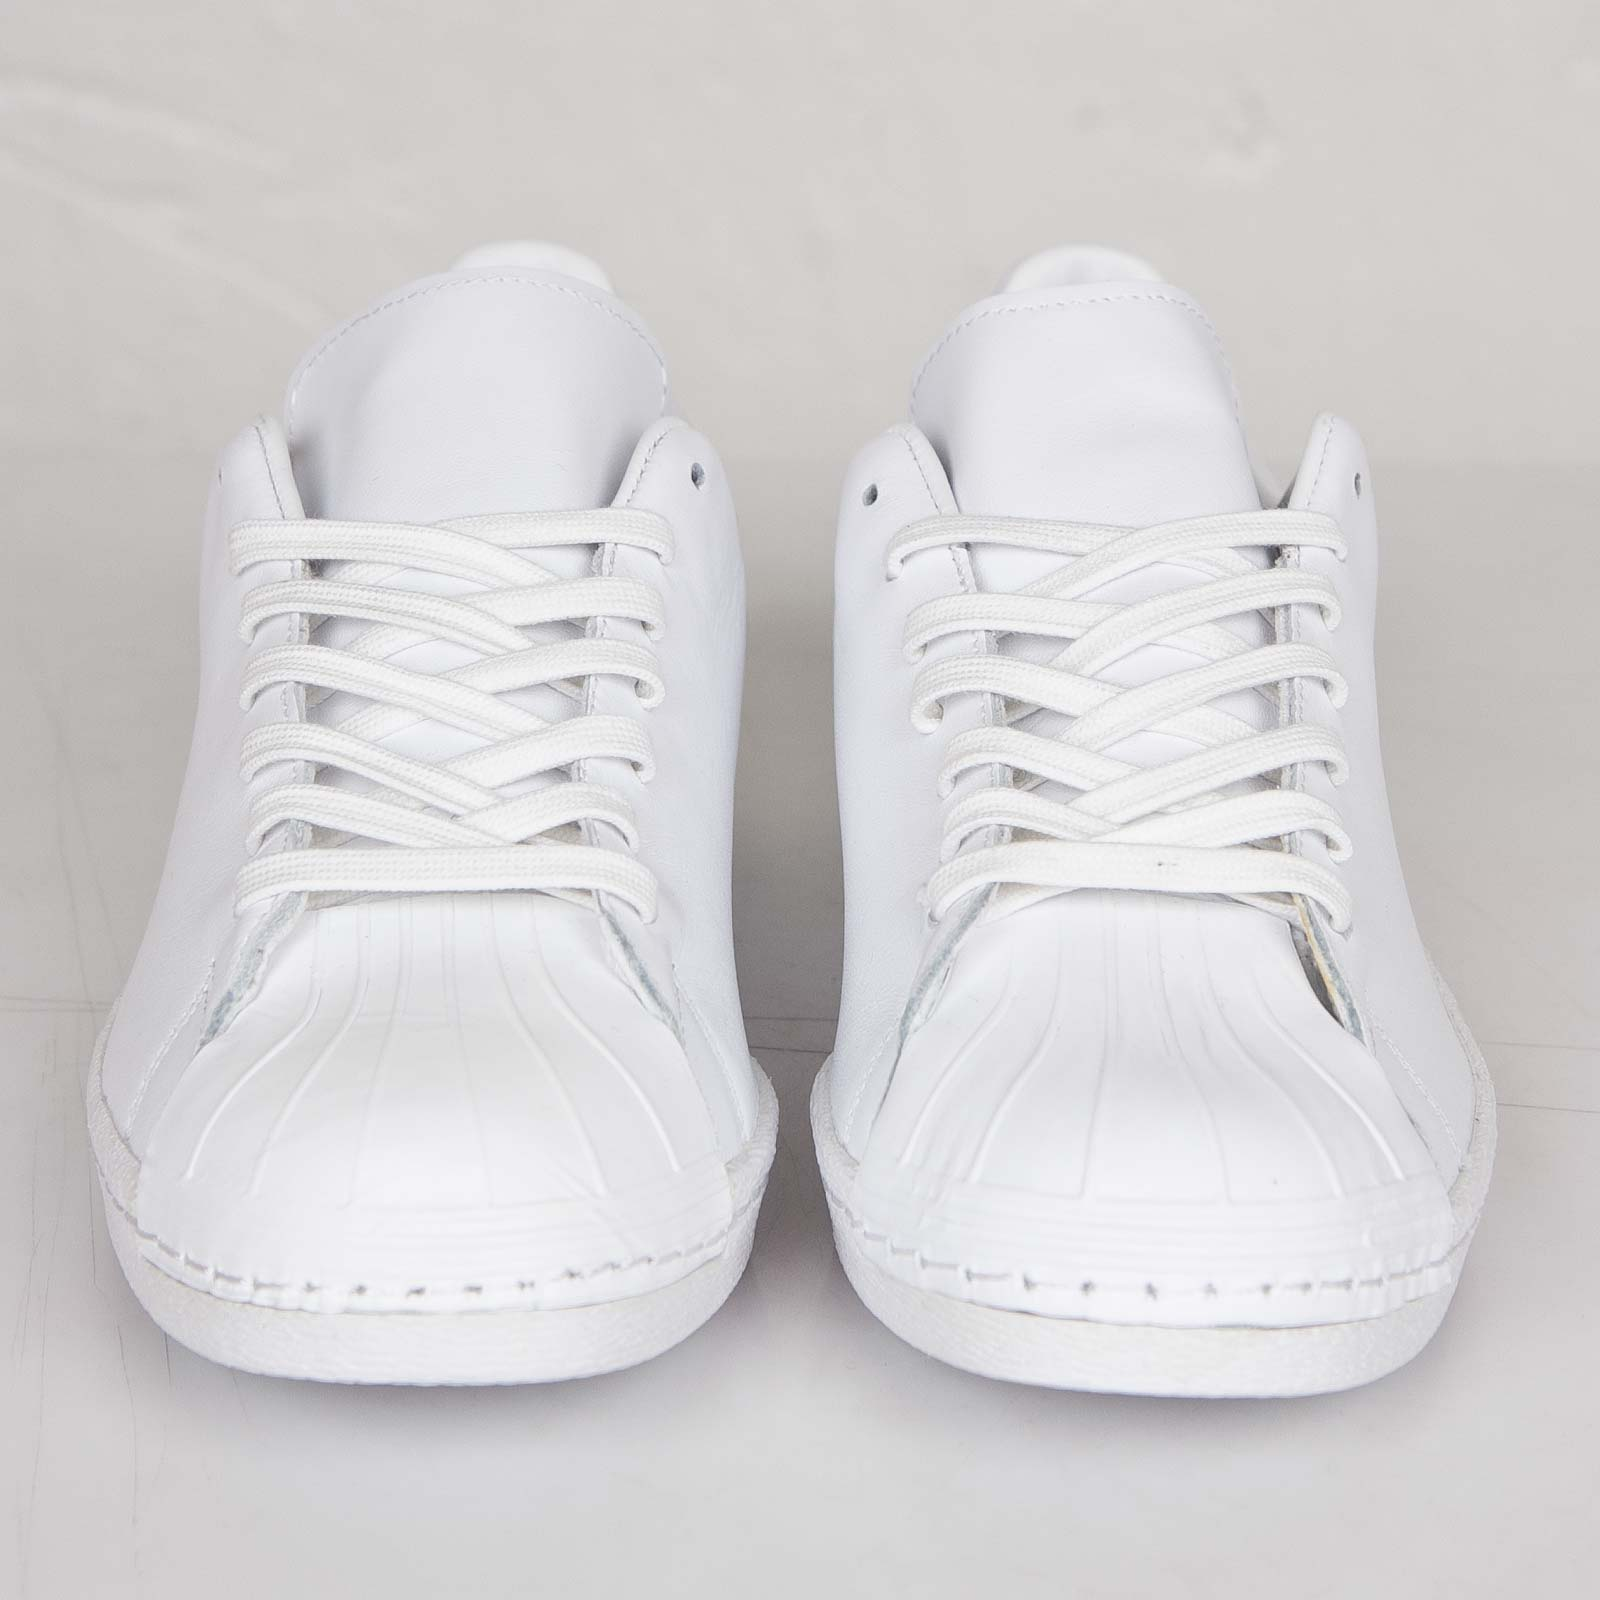 reputable site 094d2 88740 adidas Superstar 80S Clean - B25856 - Sneakersnstuff   sneakers    streetwear online since 1999